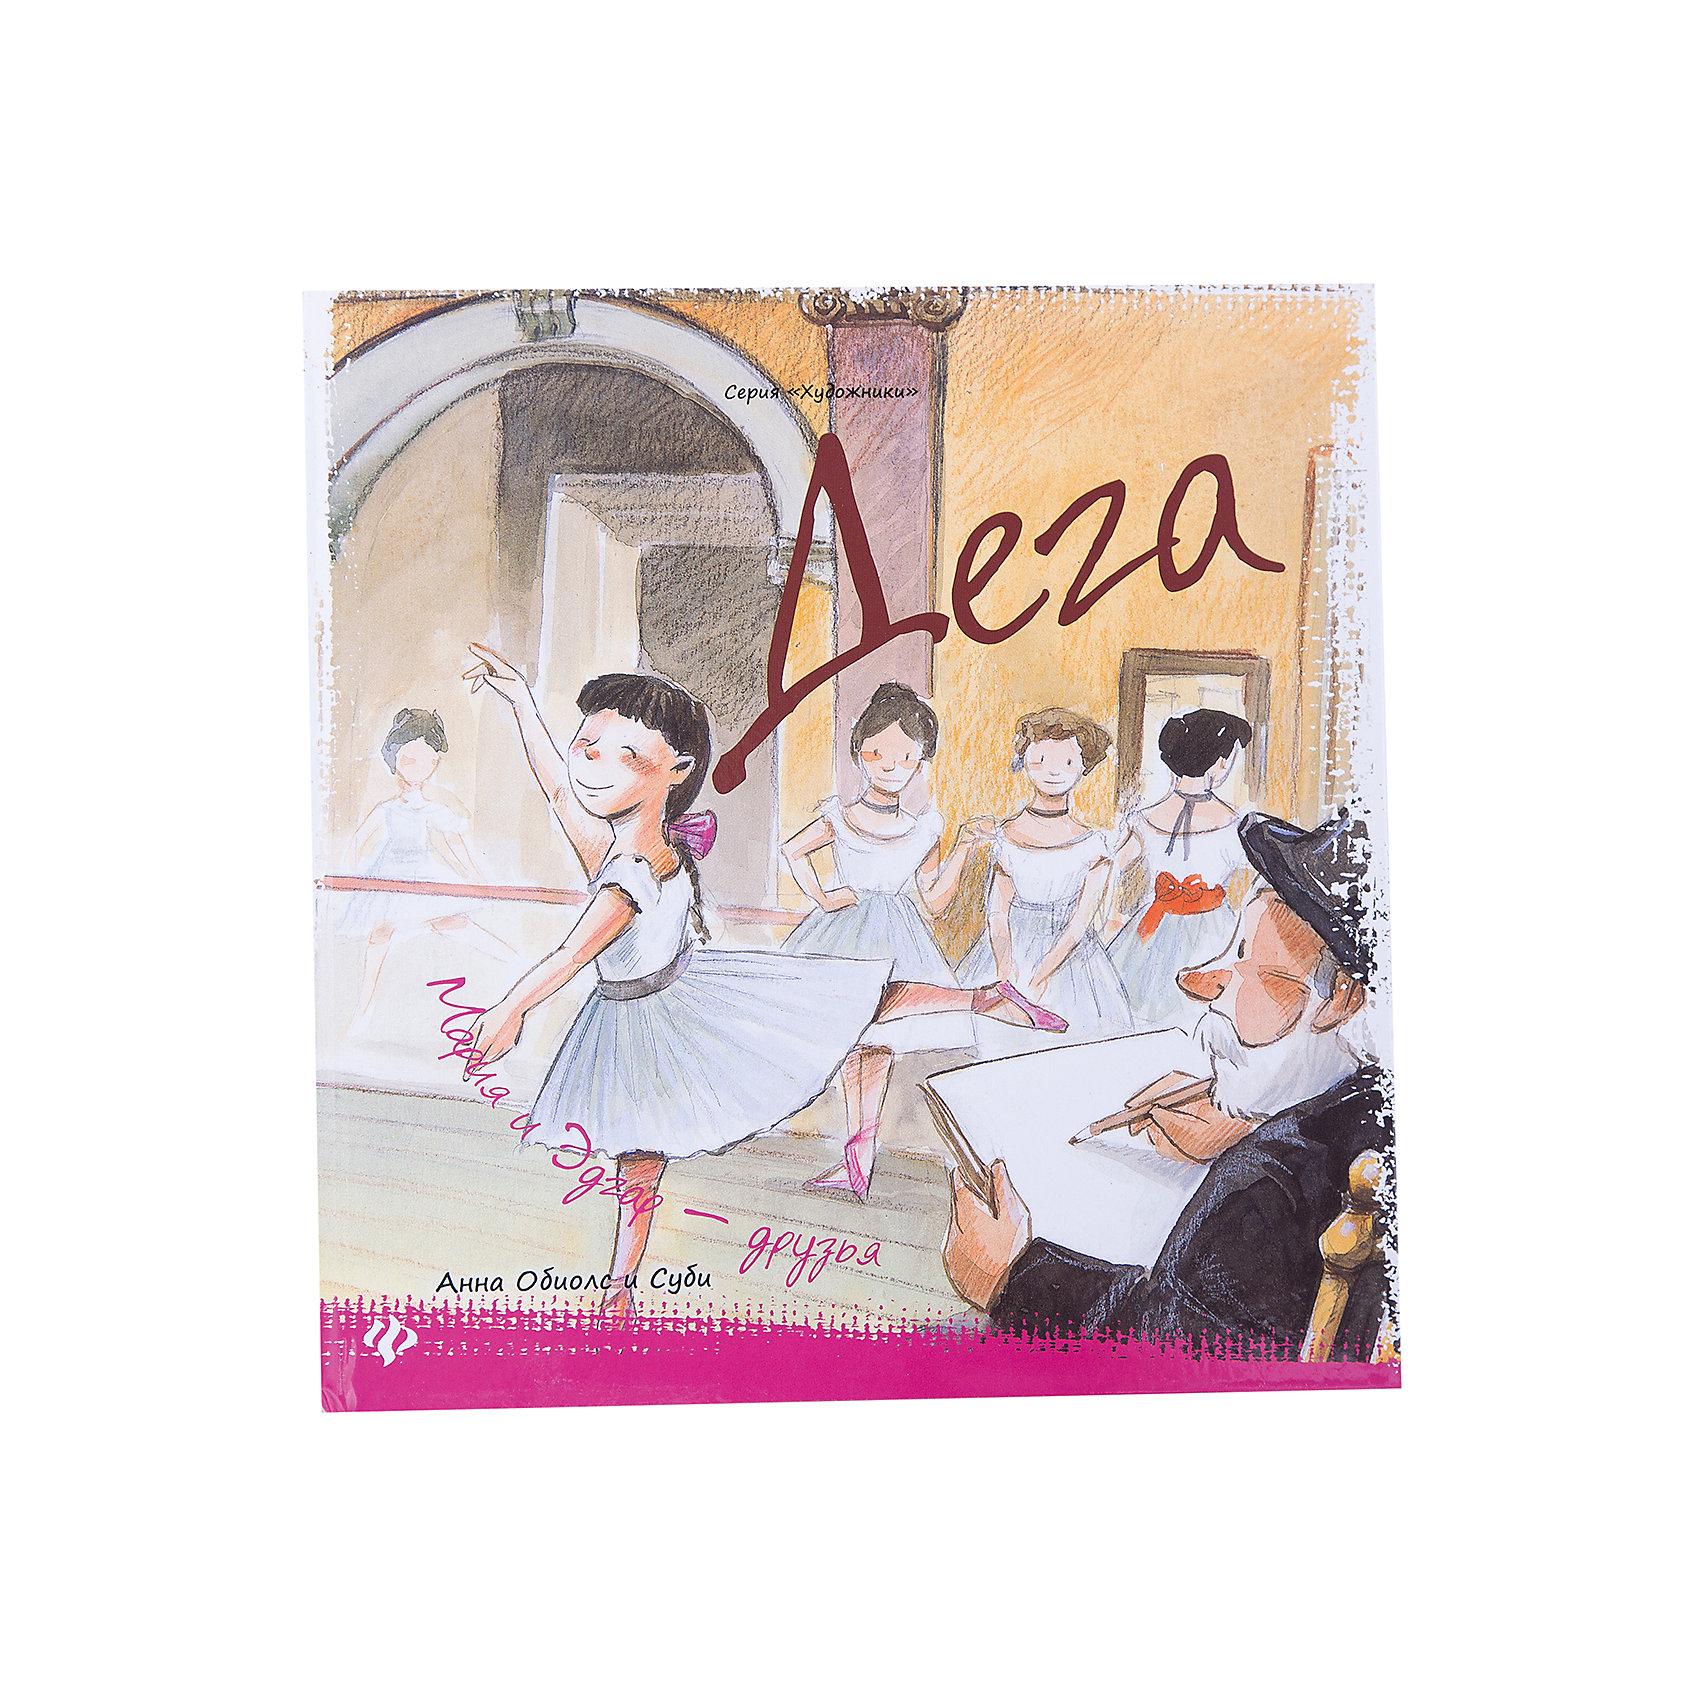 Fenix Дега: Мария и Эдгар - друзья, 2-е издание